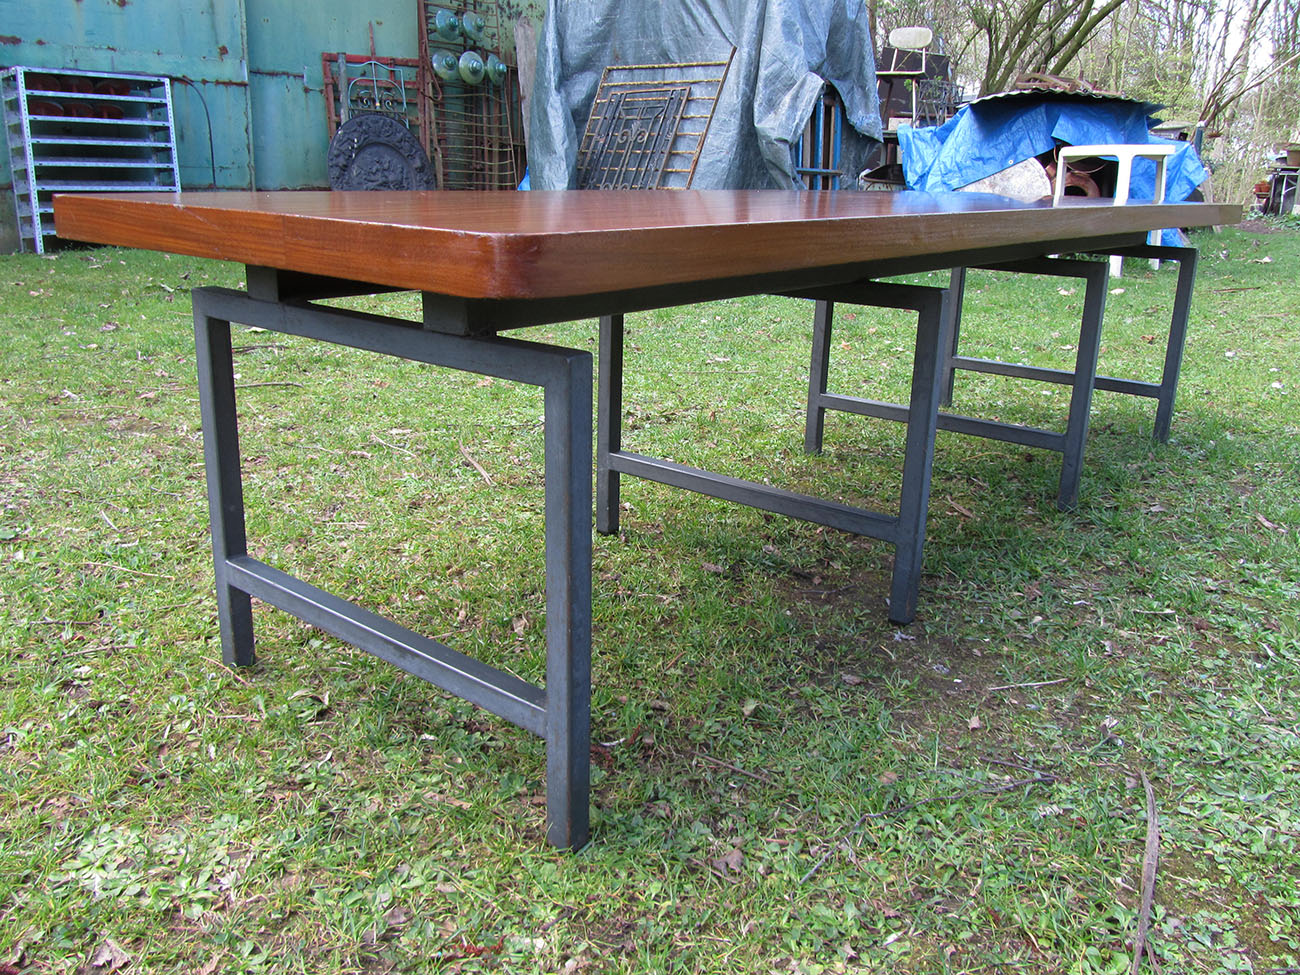 Vintage Industriele Tafel.Industriele Vintage Tafels Sidetables Met Stalen Onderstel